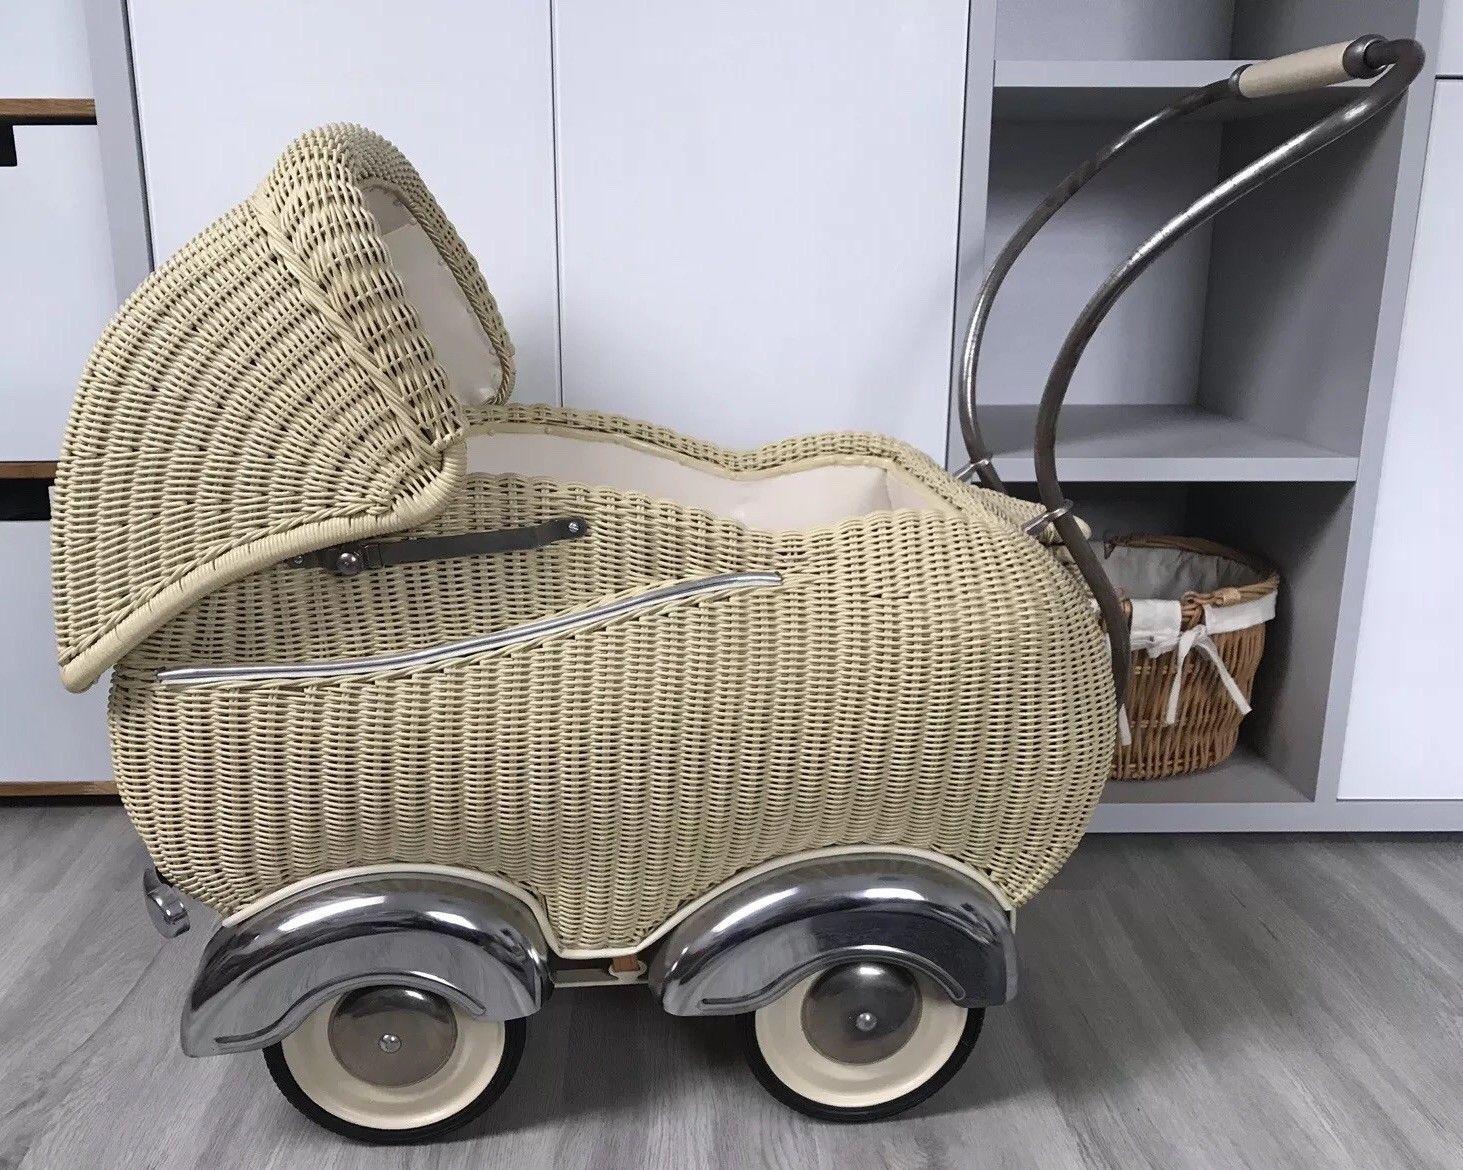 Sehr Schoner Alter Korb Puppenwagen 50er Jahre Mit Matratze Und Garnitur Ebay Puppenwagen Alte Korbe Puppen Kinderwagen